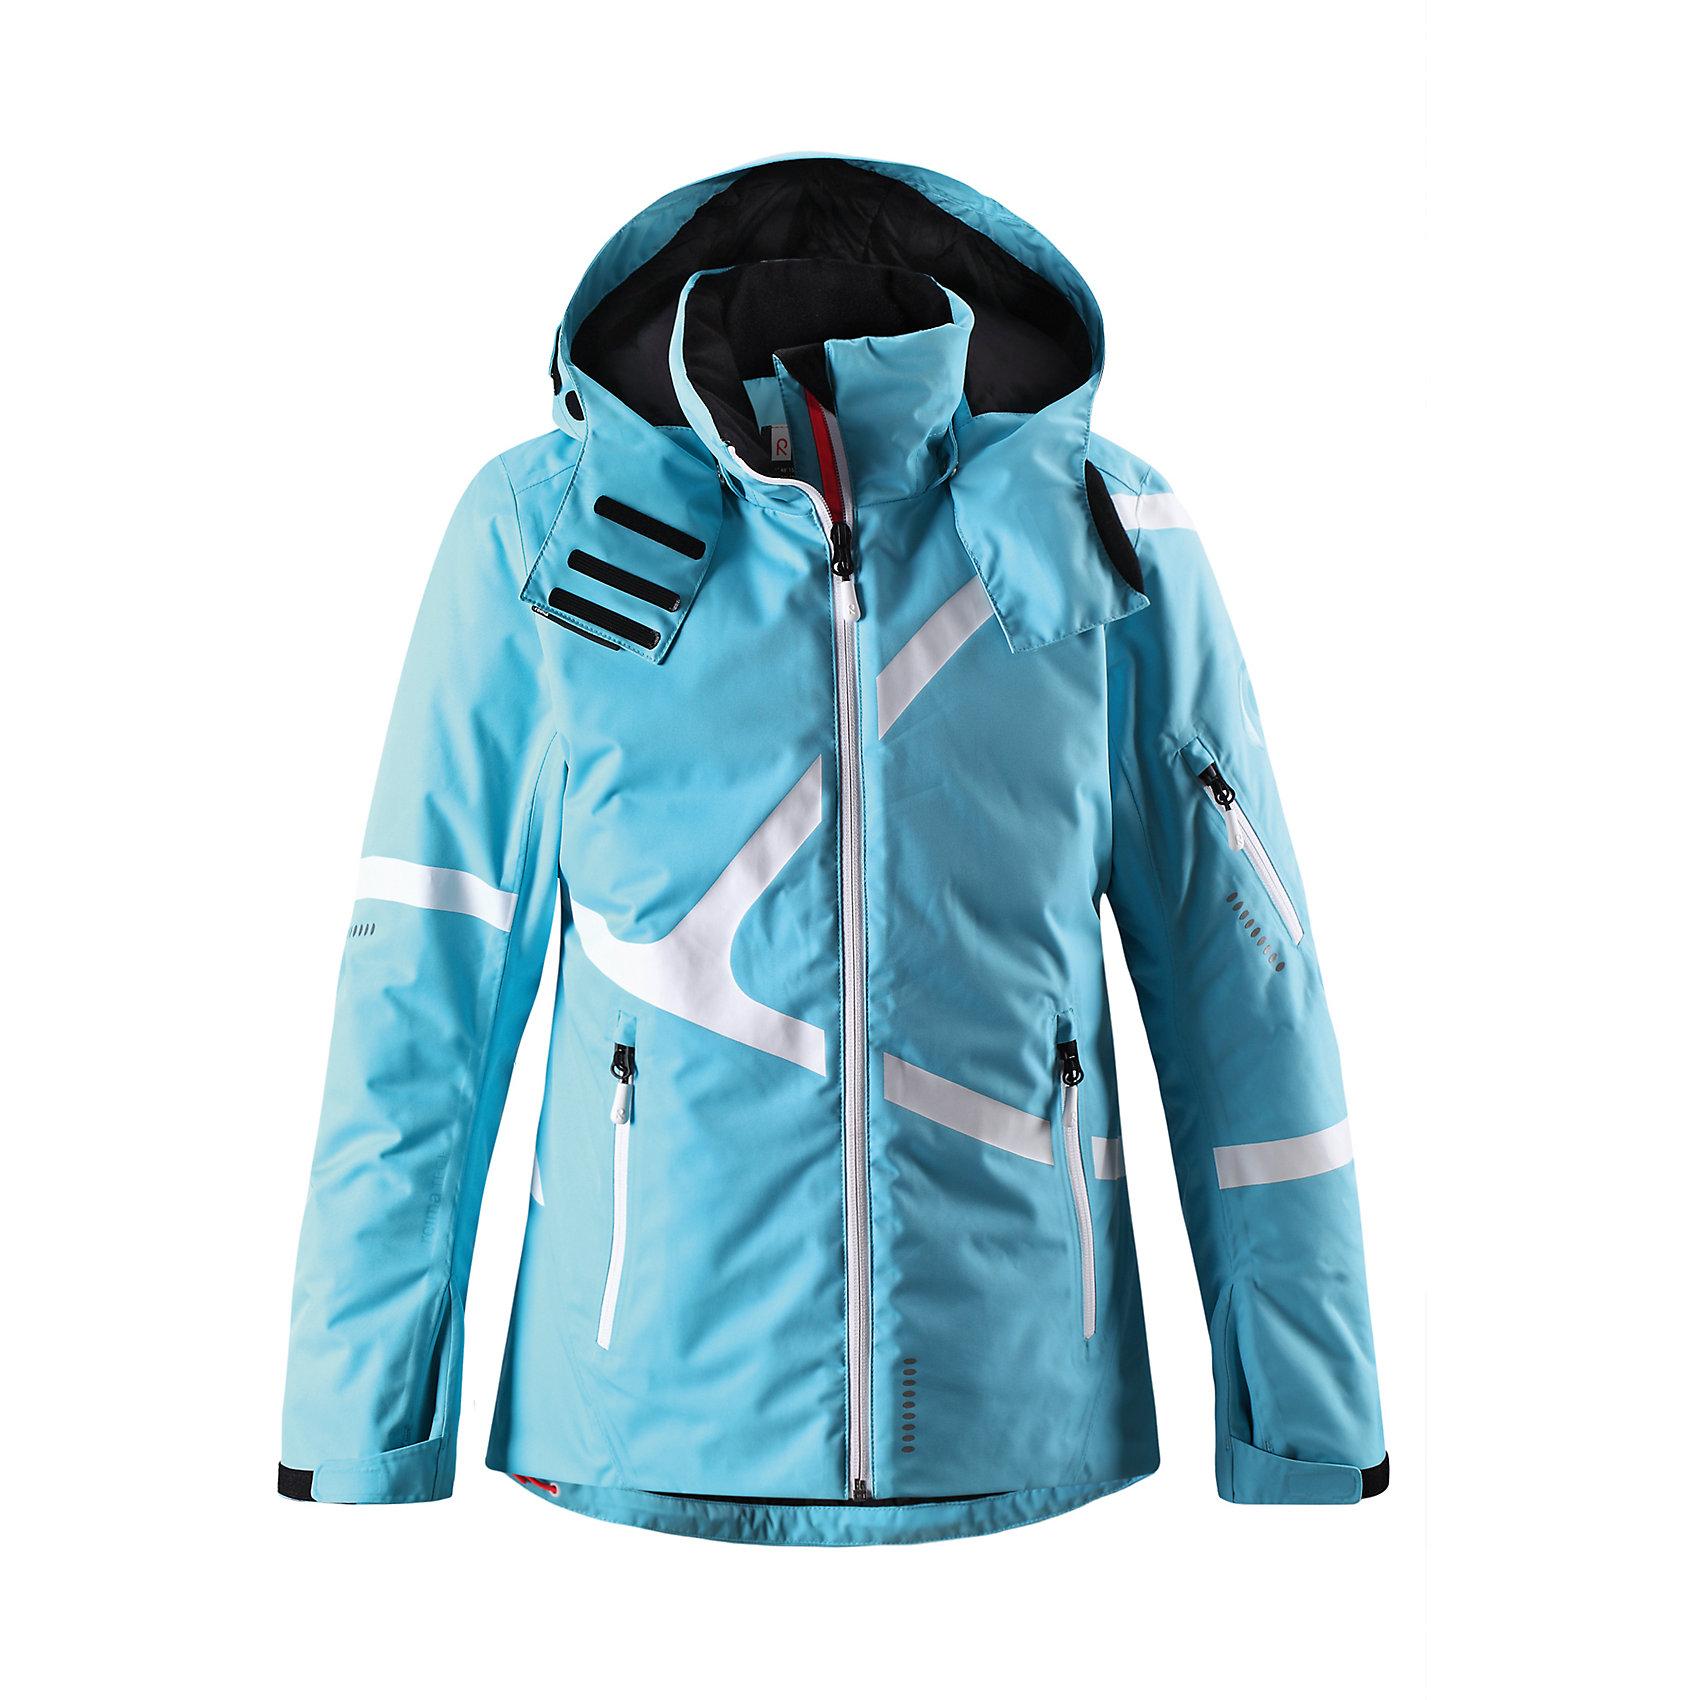 Куртка Reimatec для девочки ReimaОдежда<br>Эта супер-функциональная зимняя куртка для детей прекрасно подойдёт для лыжников и любителей других видов зимнего отдыха! В этой куртке, пошитой из одобренного bluesign® водо- и ветронепроницаемого материала, ребёнку будет комфортно на лыжных склонах в любую погоду. Ткань пропускает воздух, а все швы проклеены для создания водонепроницаемости и максимального удобства во время пребывания на улице. Супер-лёгкий и тёплый пух PrimaLoft® Performance не позволит любителям прогулок замёрзнуть, а гладкая подкладка удобна для промежуточных слоёв. Регулируемый подол и блокировка от снега на талии защитит ребёнка от холода. Когда блокировка не используется, её можно прикрепить к карманам. Брюки можно прикрепить к куртке с помощью специального соединителя на блокировке от снега, чтобы ребёнку было теплее и комфортнее. Регулируемый съёмный капюшон защищает от холодного ветра и обеспечивает дополнительную безопасность во время активных игр. Разработанная специально для активного времяпрепровождения на лыжных склонах, эта куртка имеет удобный карман для карты лыжного клуба на рукаве и внутренний нагрудный карман - благодаря удобным петлям, провода от наушников не запутаются. Новая, усовершенствованная структура молнии очень удобна. Больше никаких беспокойств из-за заклинившей молнии!<br><br>Дополнительная информация:<br><br>Температурный режим: до -20<br>Средняя степень утепления: 100 г<br>Водонепроницаемая зимняя куртка для подростков, модель для девочек<br>материал bluesign®<br>Туловище, рукава и капюшон утеплены пухом PrimaLoft® Performance<br>Все швы проклеены, водонепроницаемы<br>Безопасный съёмный регулируемый капюшон<br>Карманы на молниях, карман для карты лыжного клуба на рукаве<br>Внутренний нагрудный карман и петли для проводов от наушников<br>Регулируемые манжеты и внутренние манжеты из лайкры<br>Новая усовершенствованная структура молнии - молния больше не заклинит!<br>Регулируемый подол, блокировка от снега на талии<br>Блокир